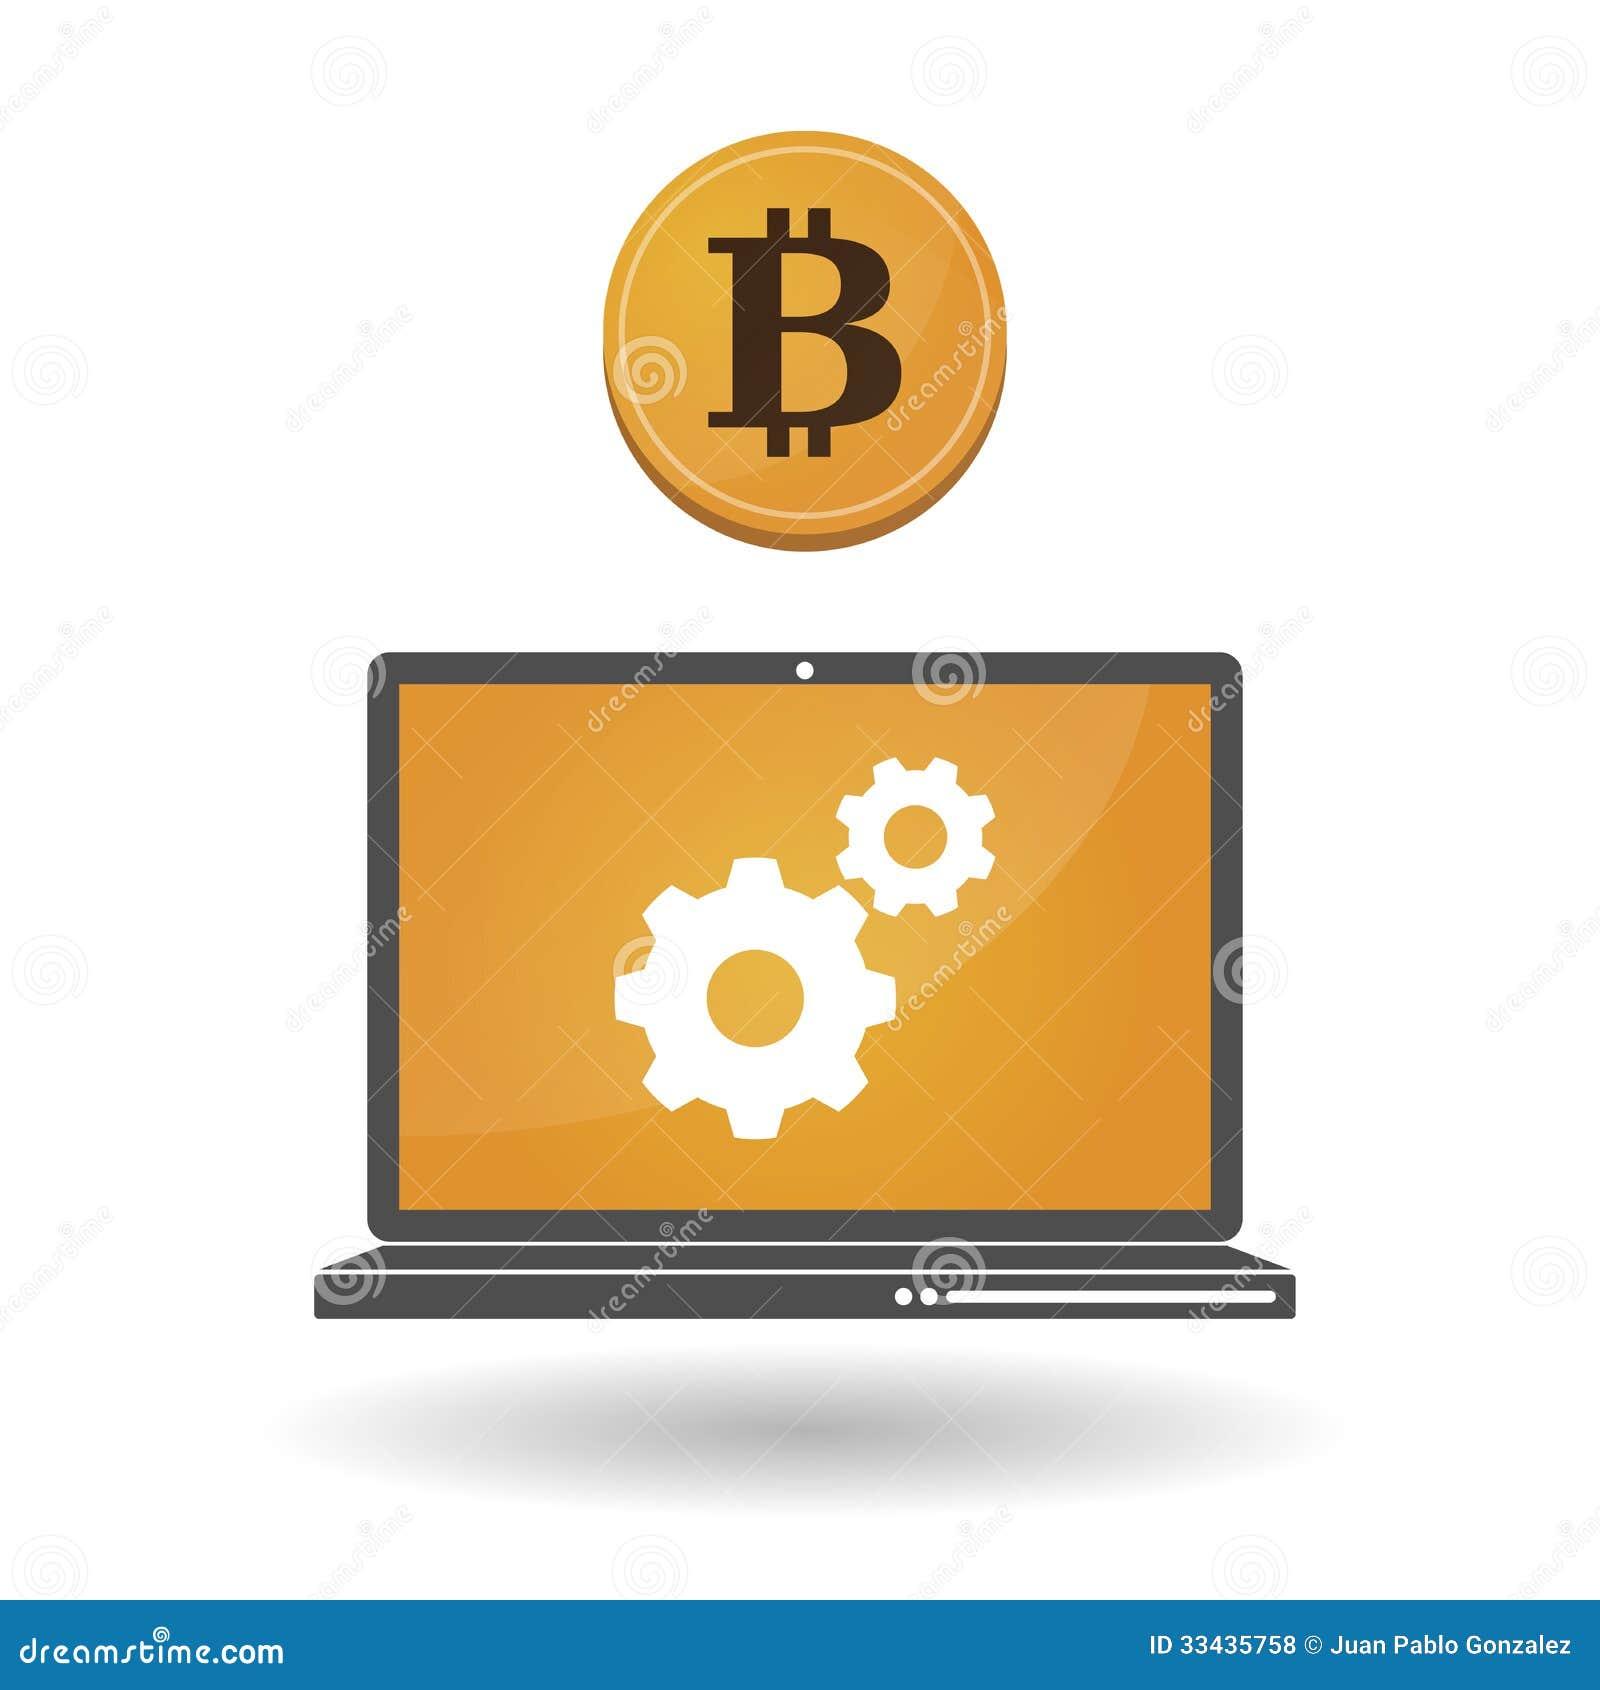 Open Source Money Bitcoin Royalty Free Stock Photos